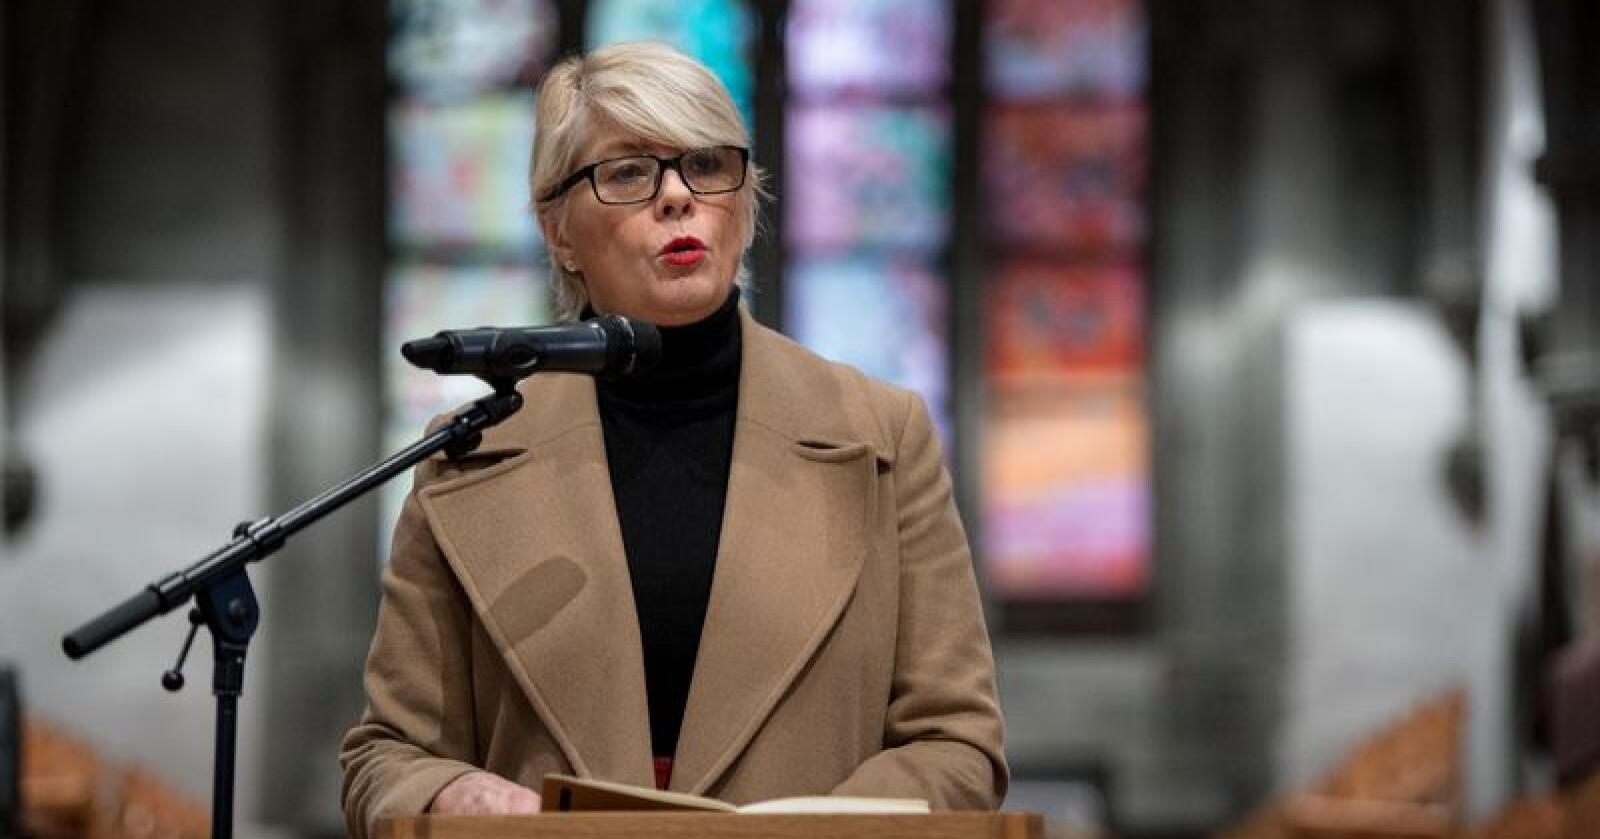 Kirkerådets leder Kristin Gunleiksrud Raaum har sendt ut et forslag til regler for hvordan medlemmer av rådet skal forholde seg til flyreiser. Foto: Carina Johansen / NTB scanpix